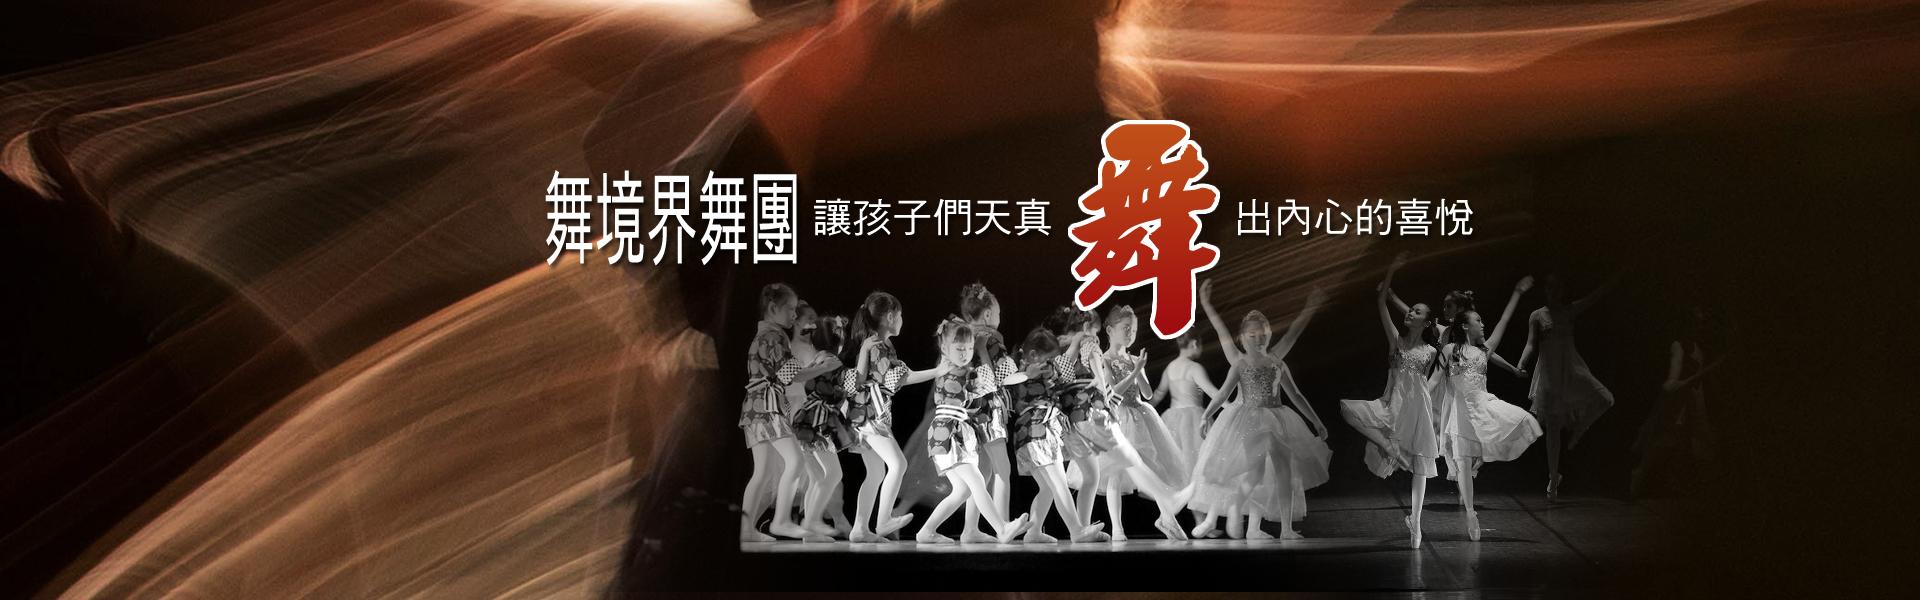 舞境界舞團